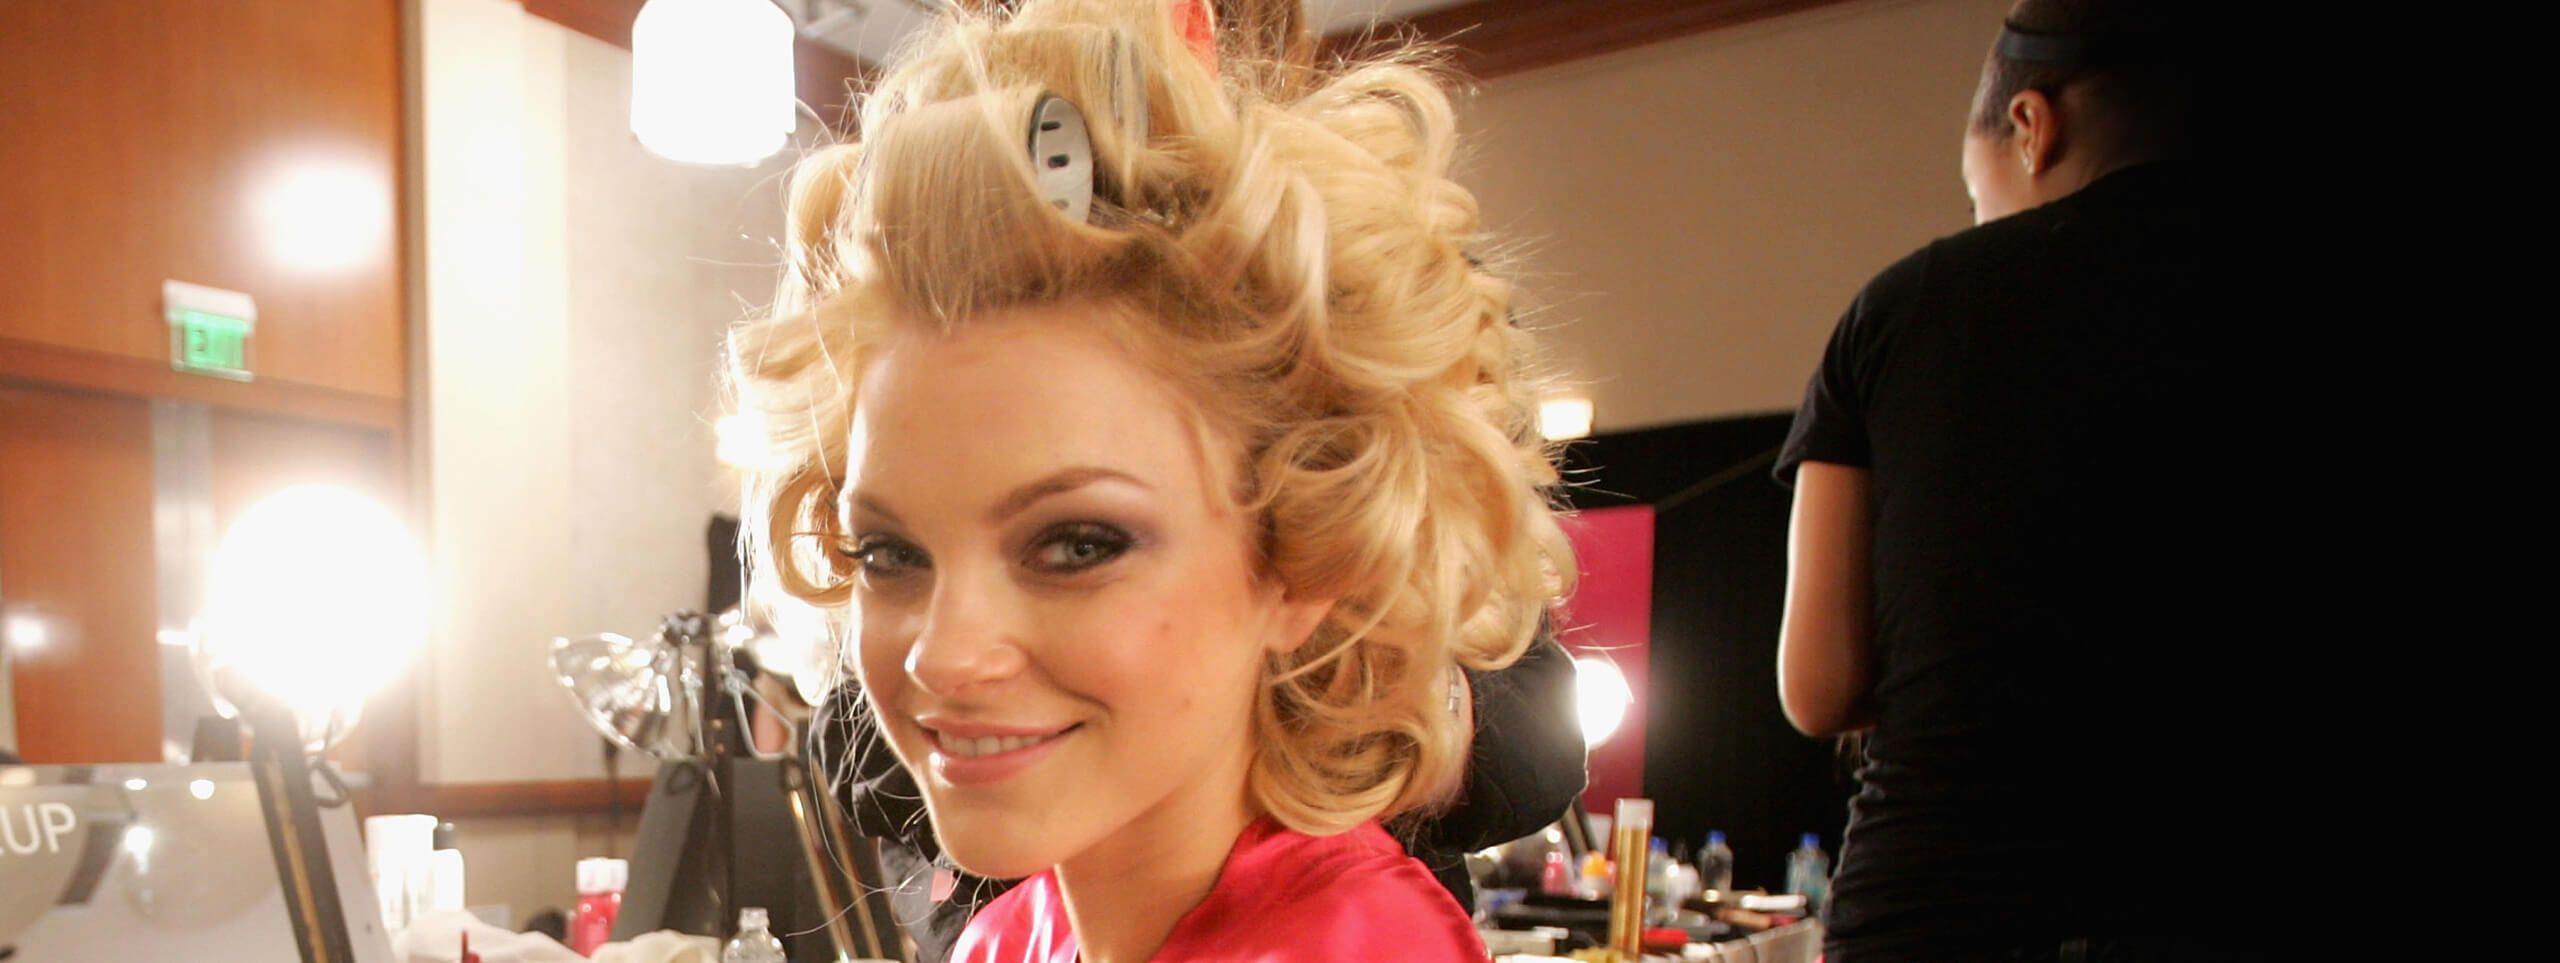 Modella di Vittoria Secret's acconciatura con capelli biondi ricci